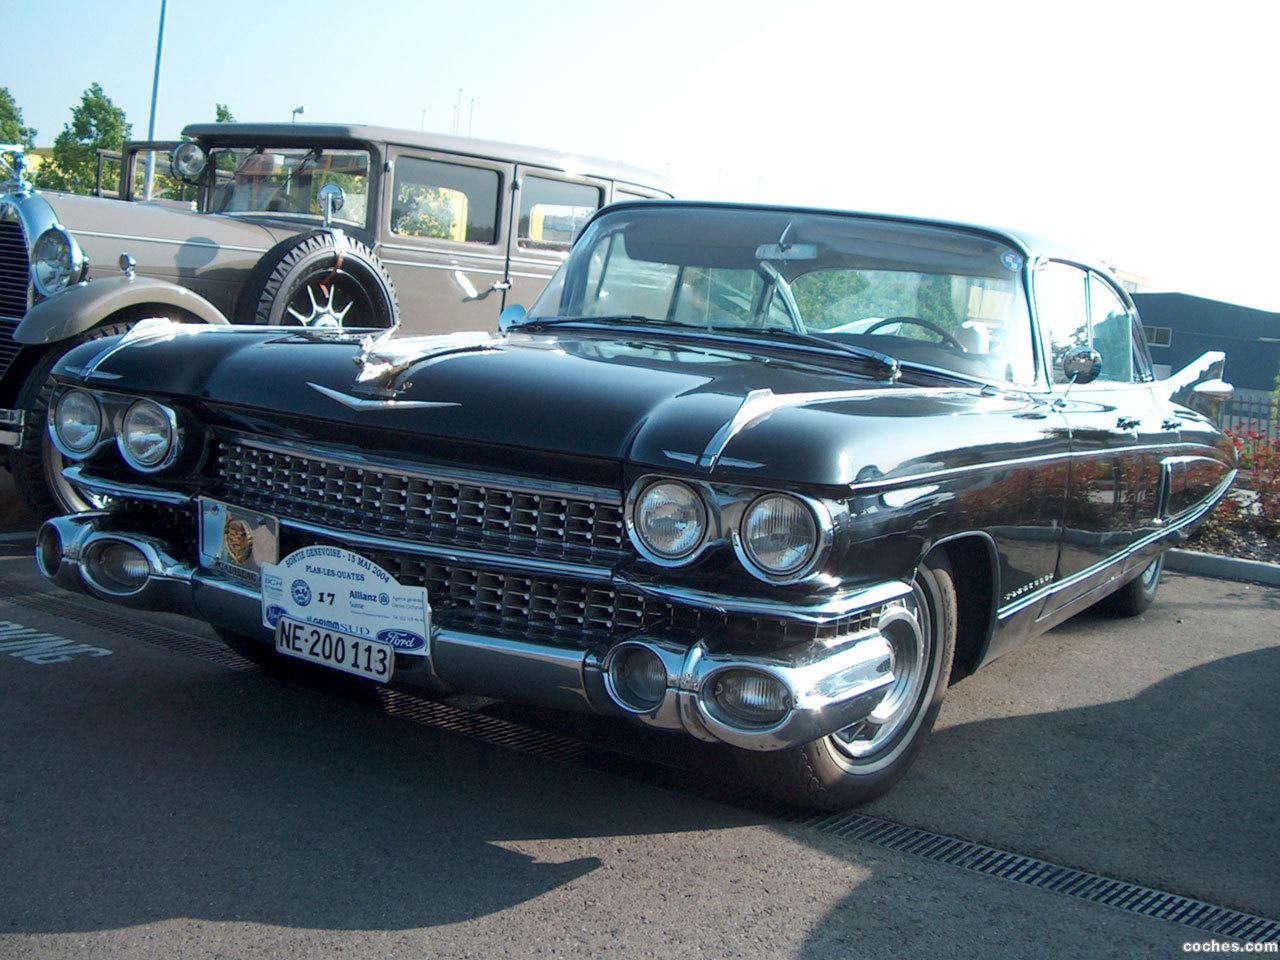 Foto 0 de Cadillac Fleetwood 1959